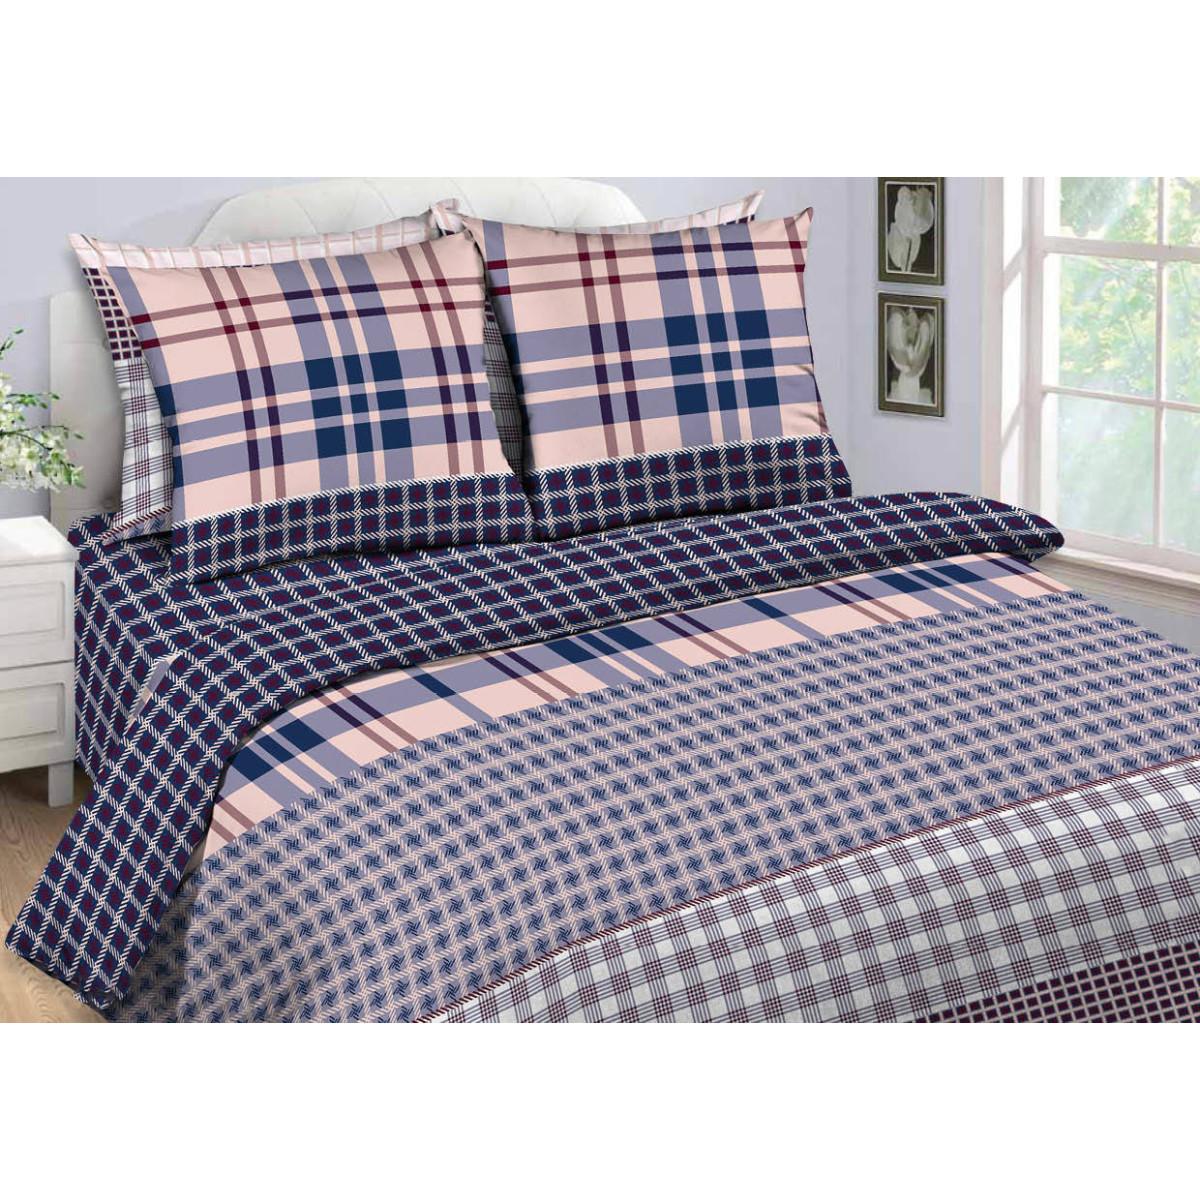 Комлплект постельного белья двуспальный «Нежный штрих» бязь 50x70 см